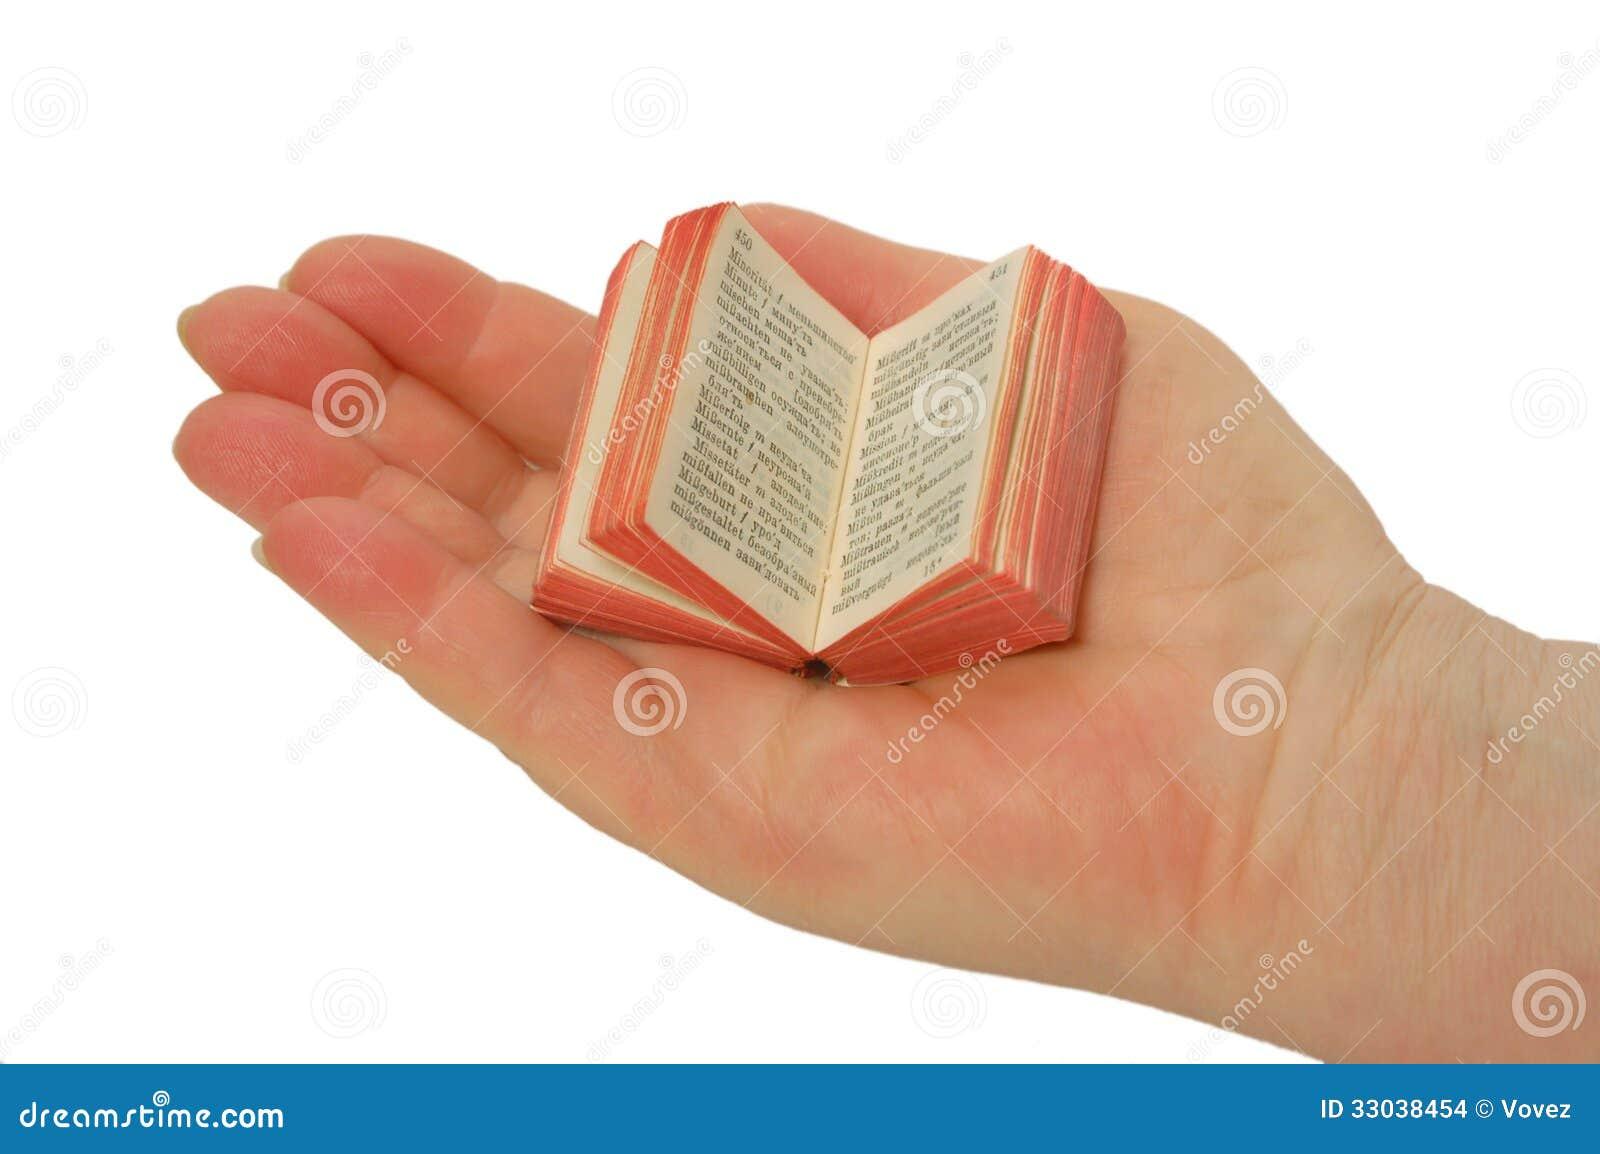 Een miniatuurboek op de palm